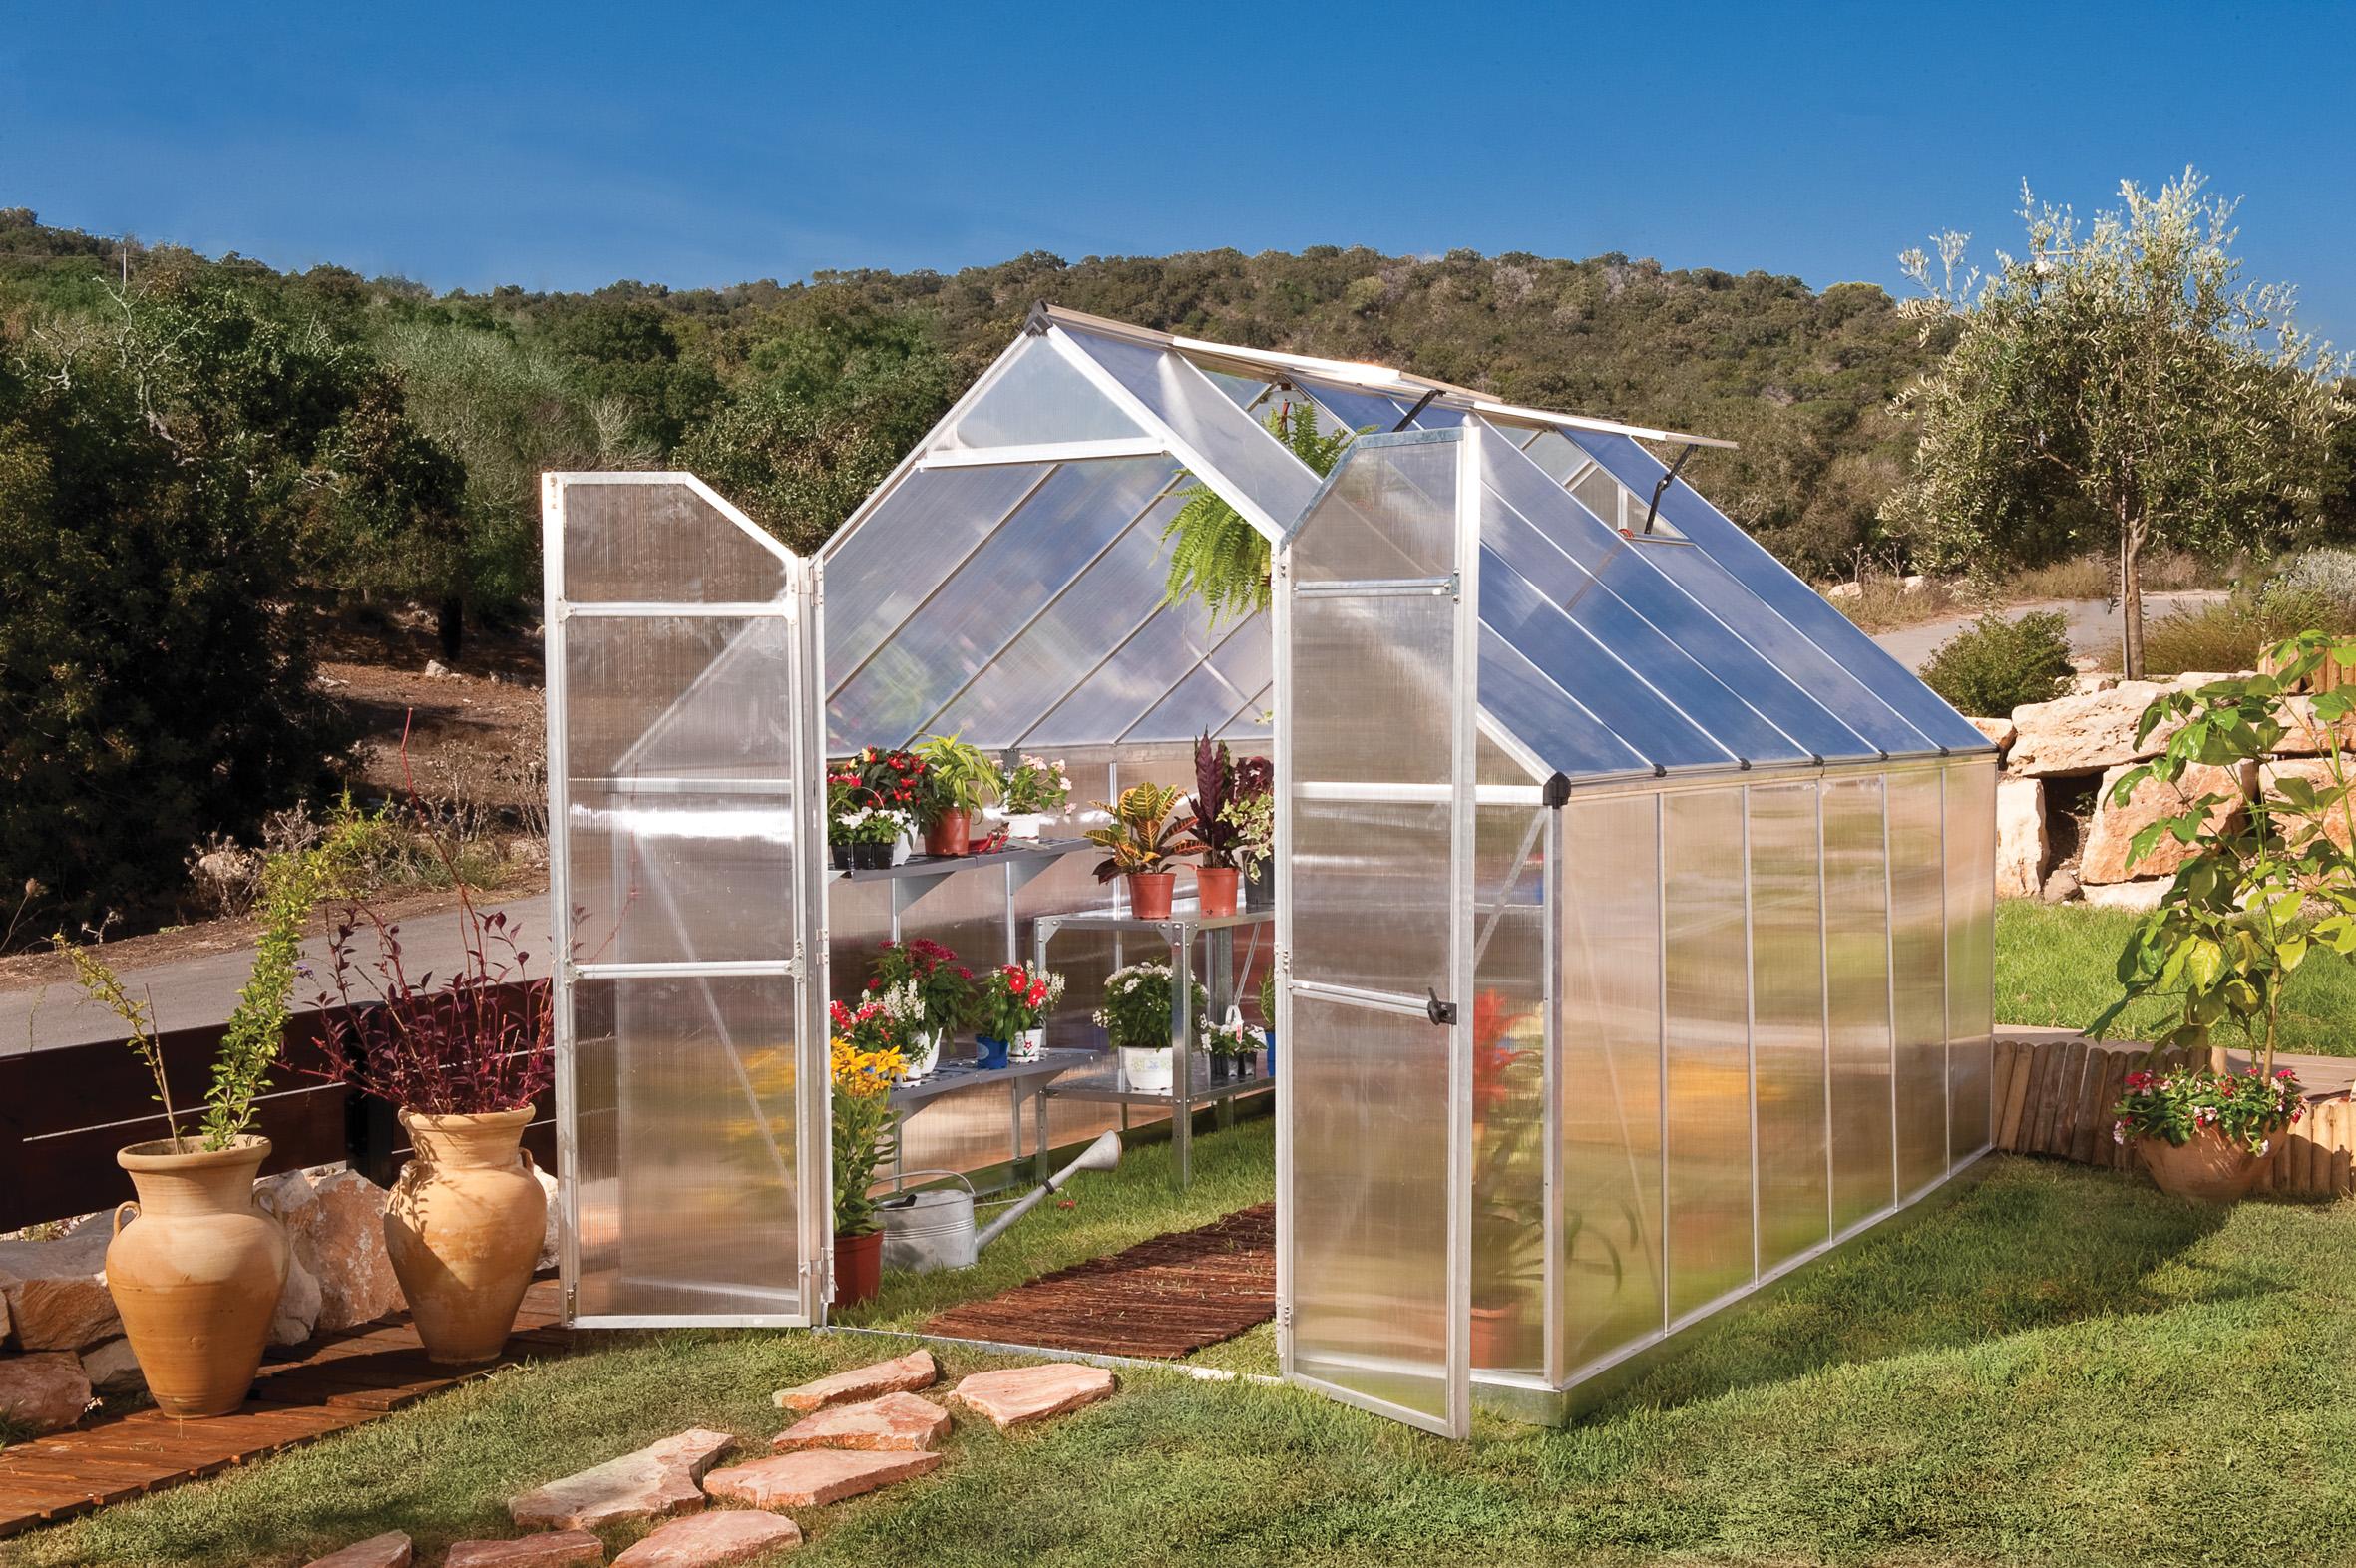 polykarbonátový skleník Palram Essence 8x12 silver + ZDARMA základna skleníku + ZDARMA strunová sekačka Fieldmann FZS 2000-E + ZDARMA sada 10ti háčků pro rostliny + hnojivo Biocin + prodloužená ZÁRUKA 10 LET